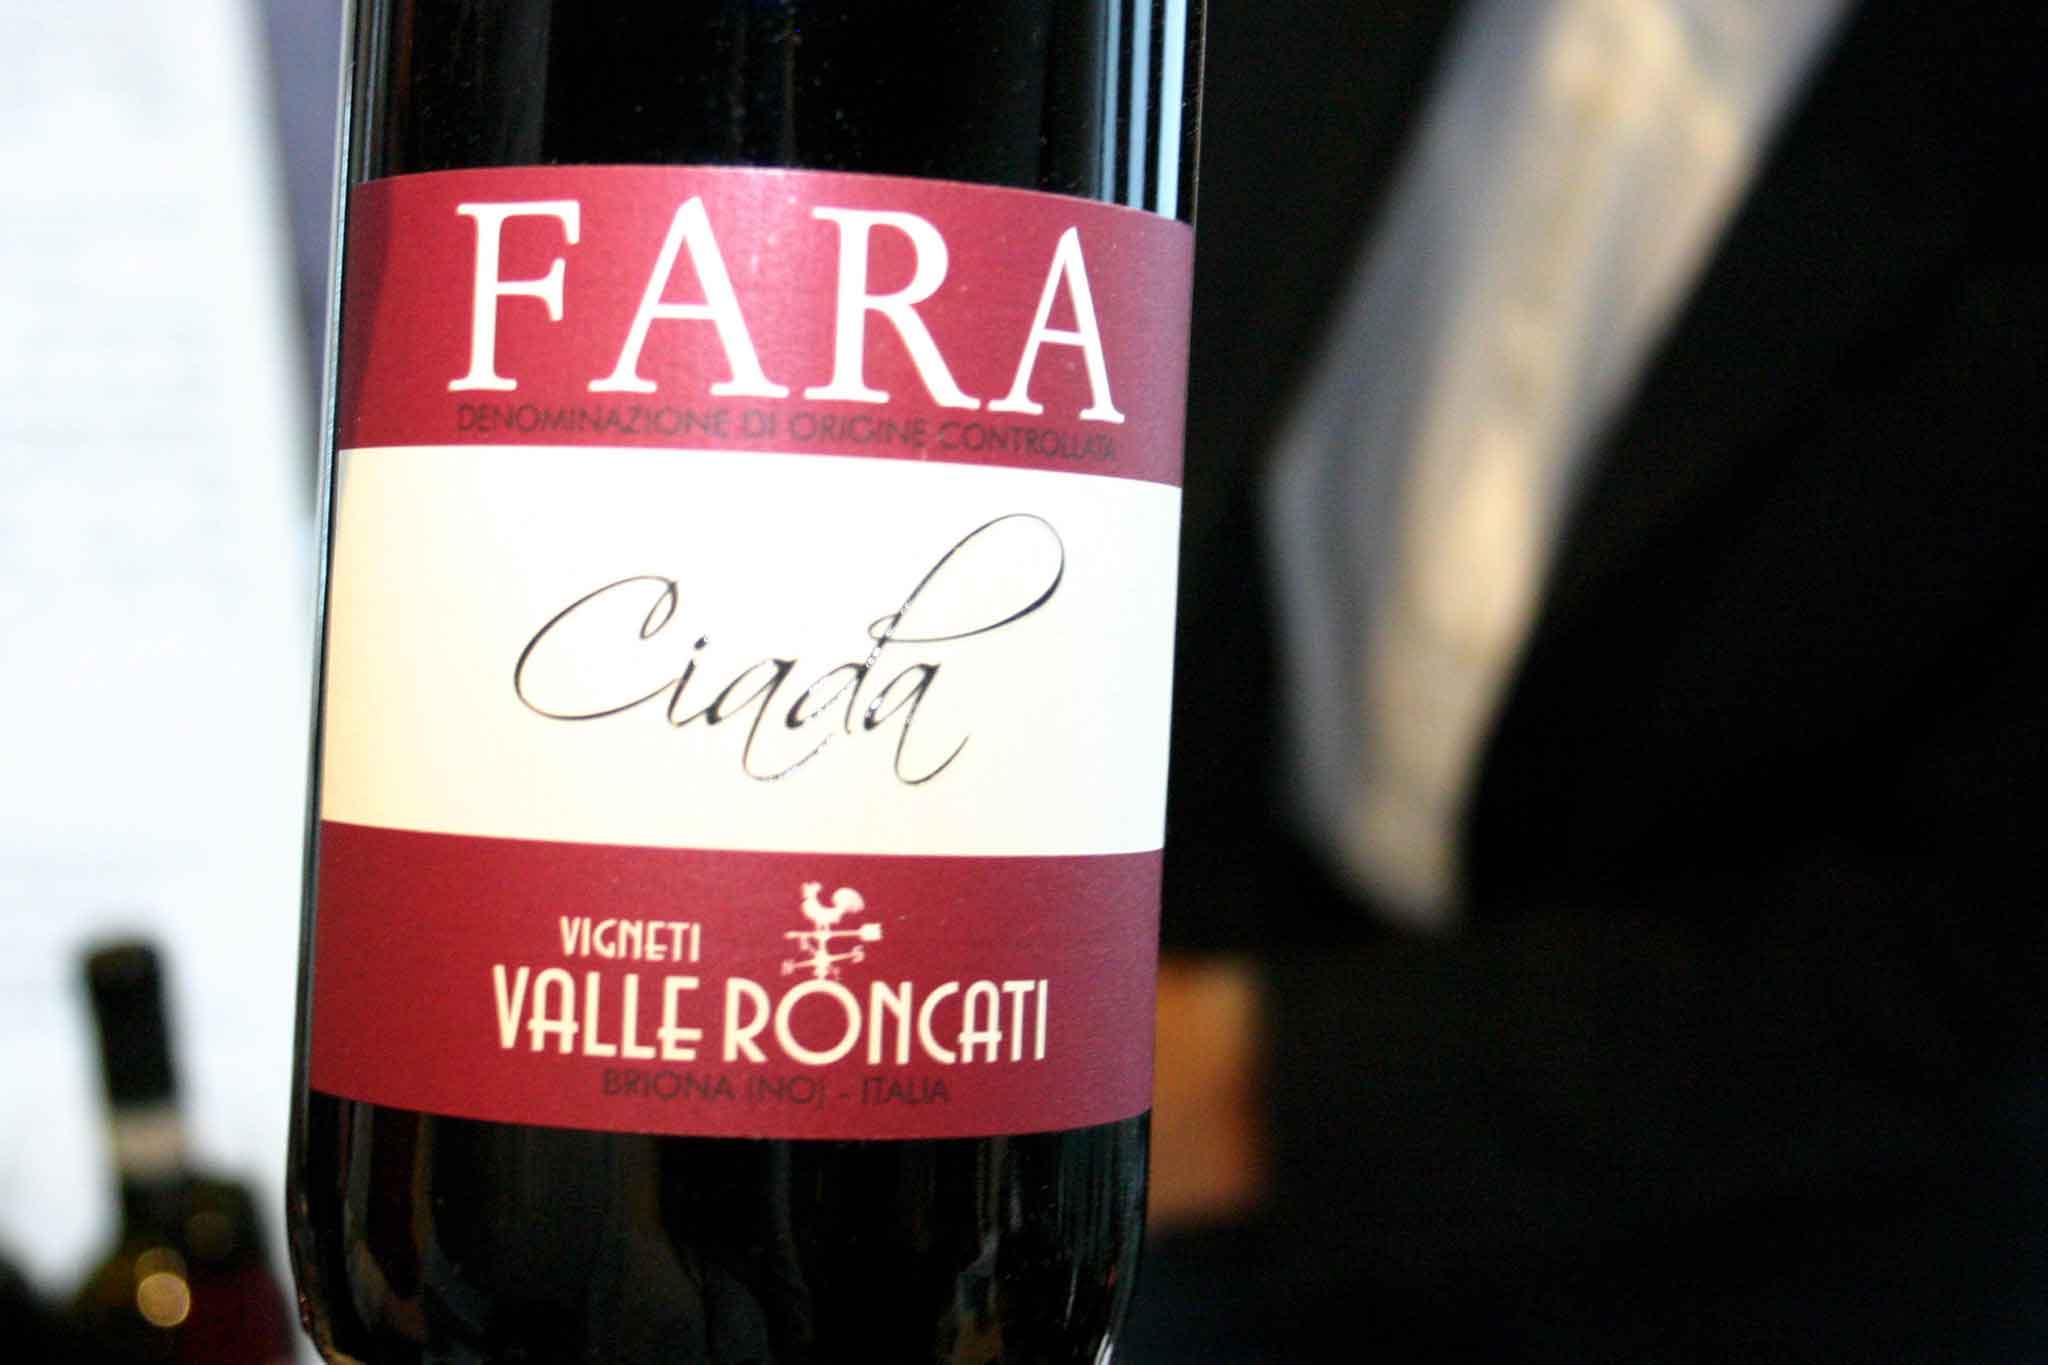 Ciada Valle Roncati